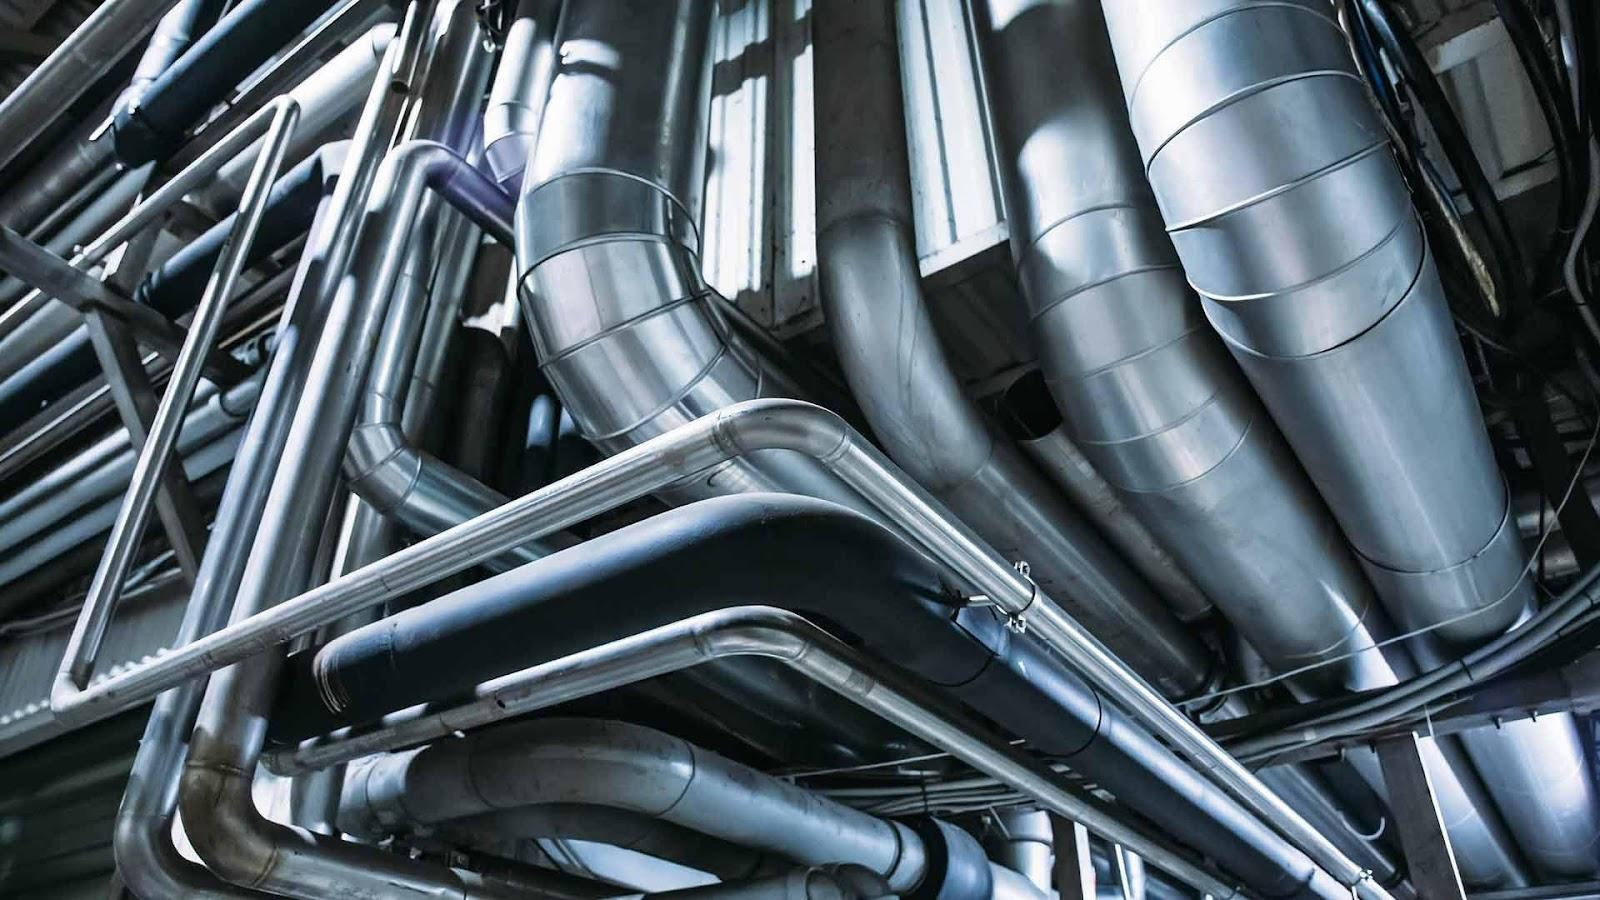 Thép ống có khả năng chịu lực, chịu nhiệt hiệu quả